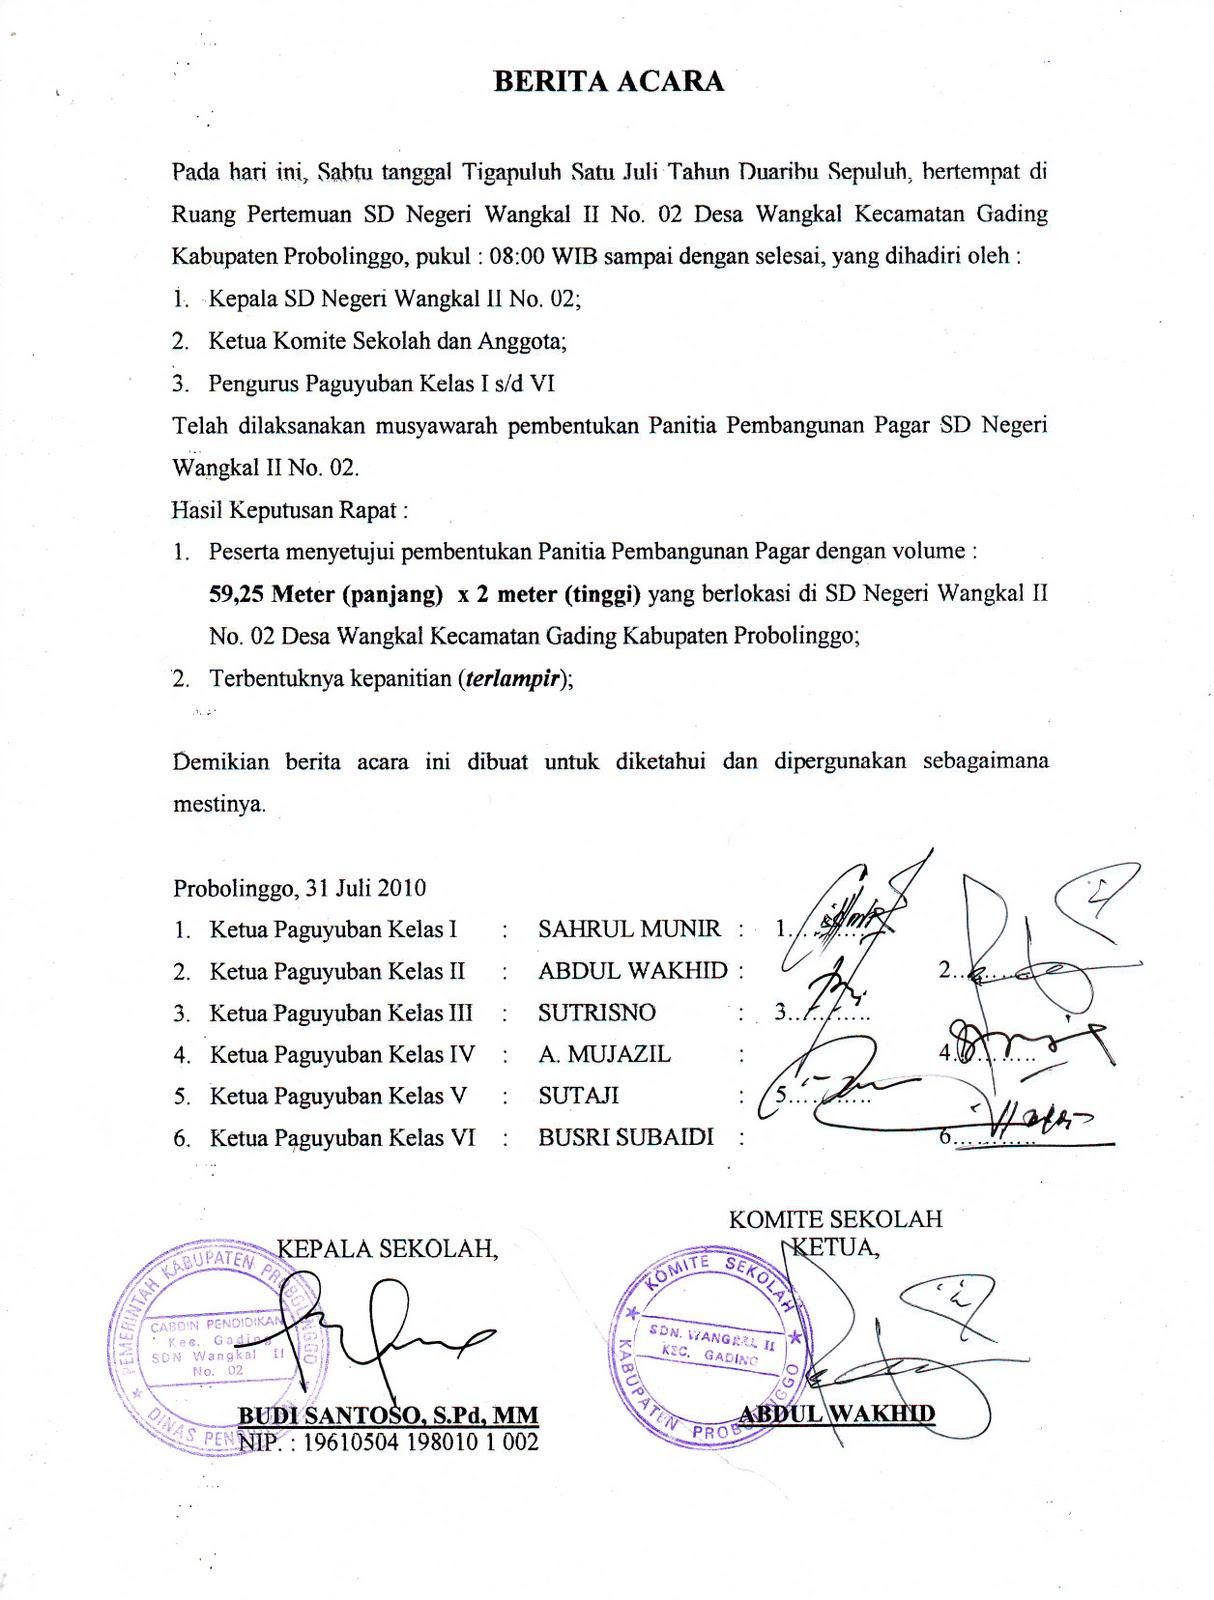 acara barang berita berita neraca simak 4shared the berita judicial